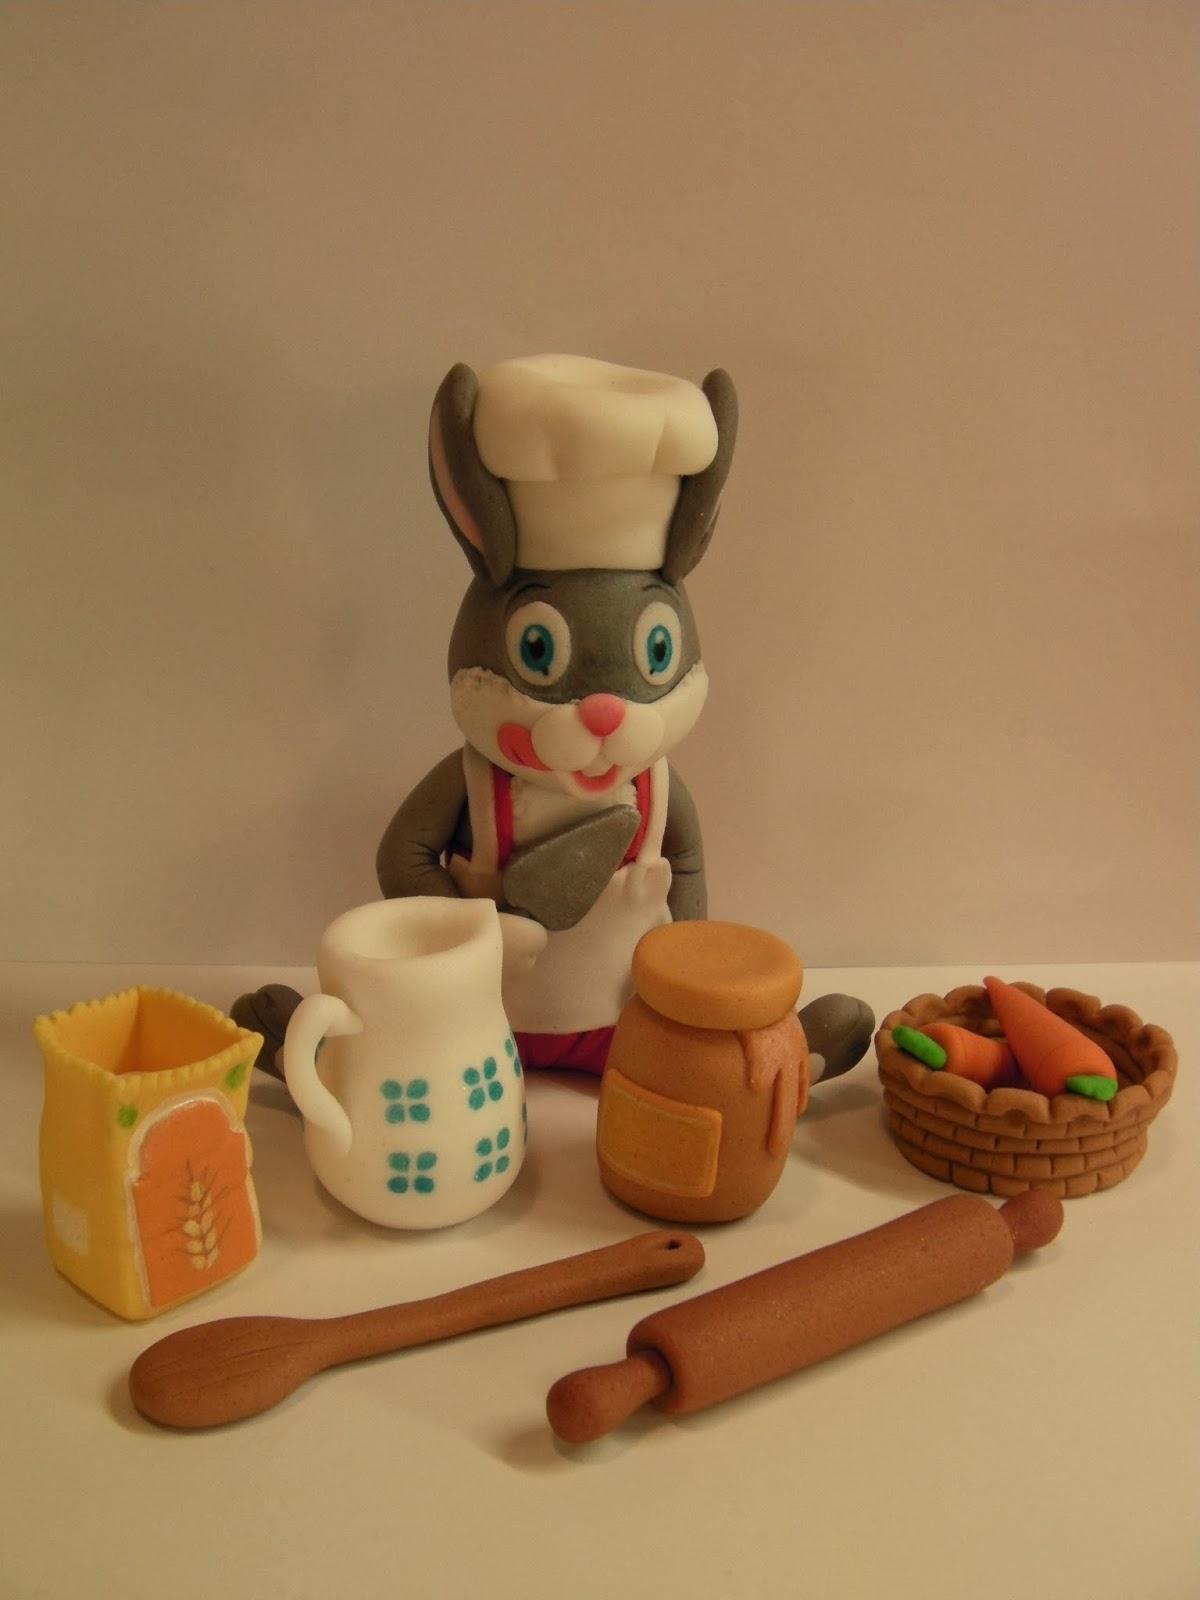 studio fondant design ana figurice za torte fondant figures rabbits fondant figures. Black Bedroom Furniture Sets. Home Design Ideas